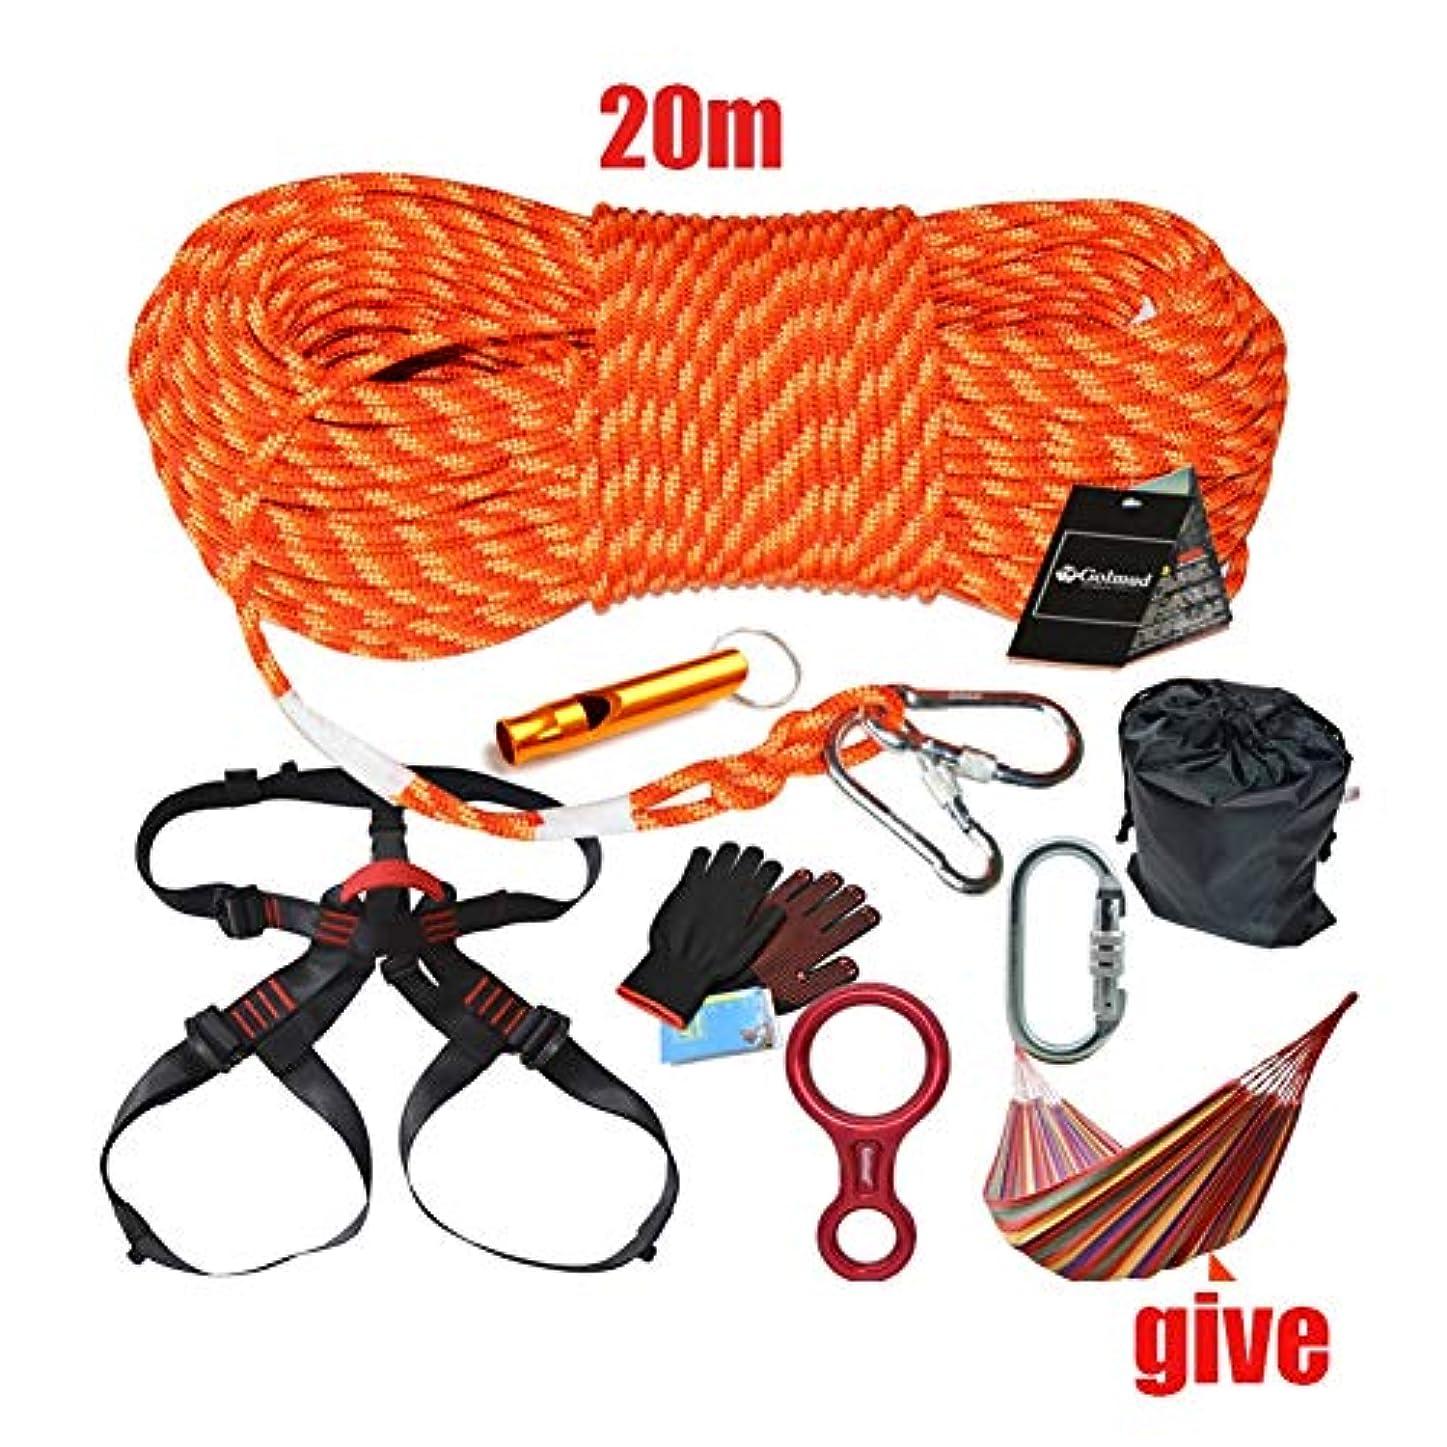 想定する偉業再び20メートルクライミングキット屋外登山静的クライミングロープスピードドロップロープ安全装置 - 7個